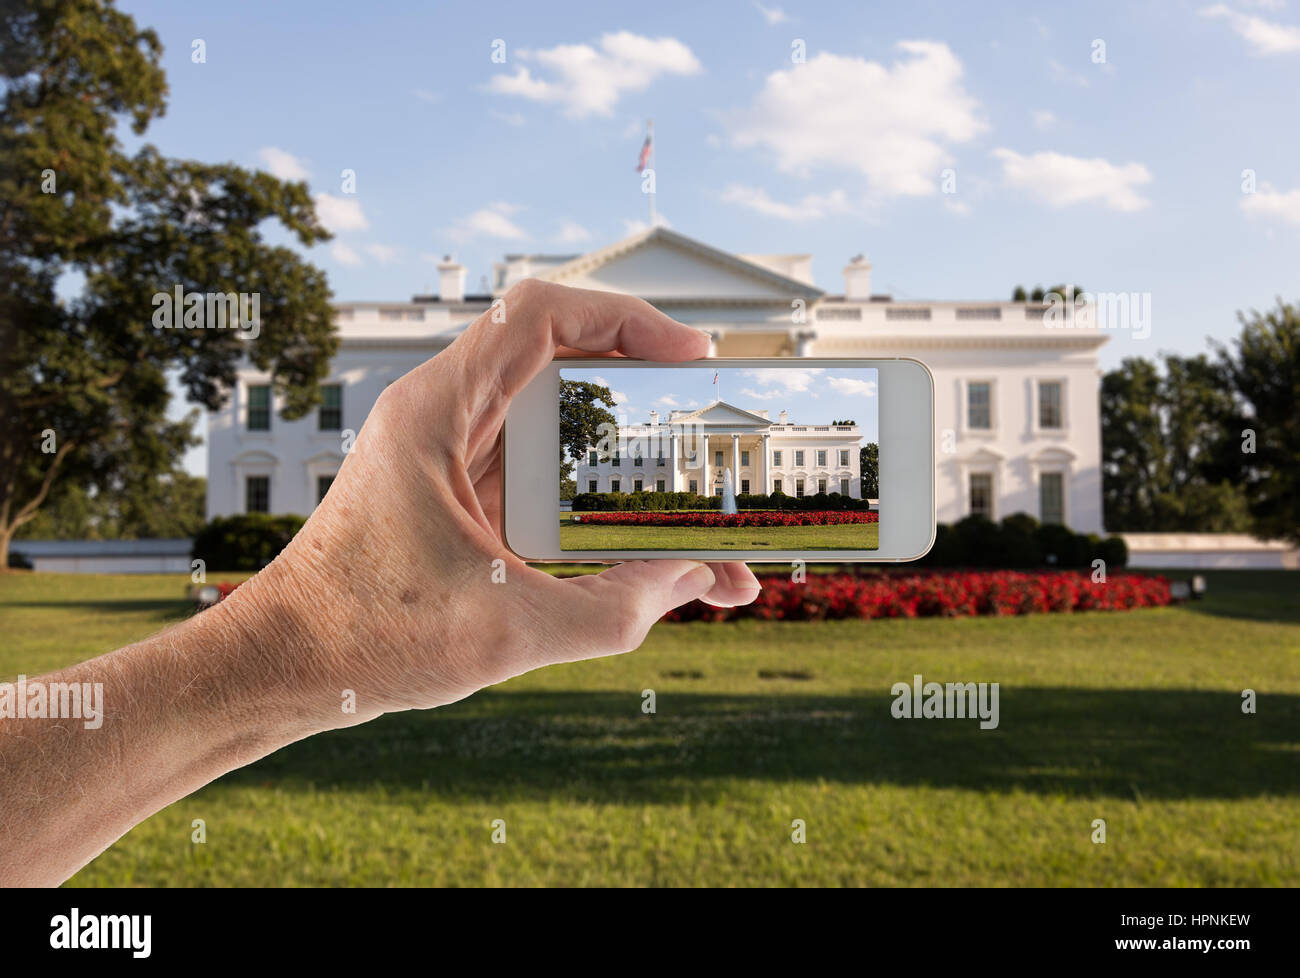 Aperçu sur le smartphone de l'entrée principale de la Maison Blanche au 1600 Pennsylvania Avenue Washington DC pour Banque D'Images